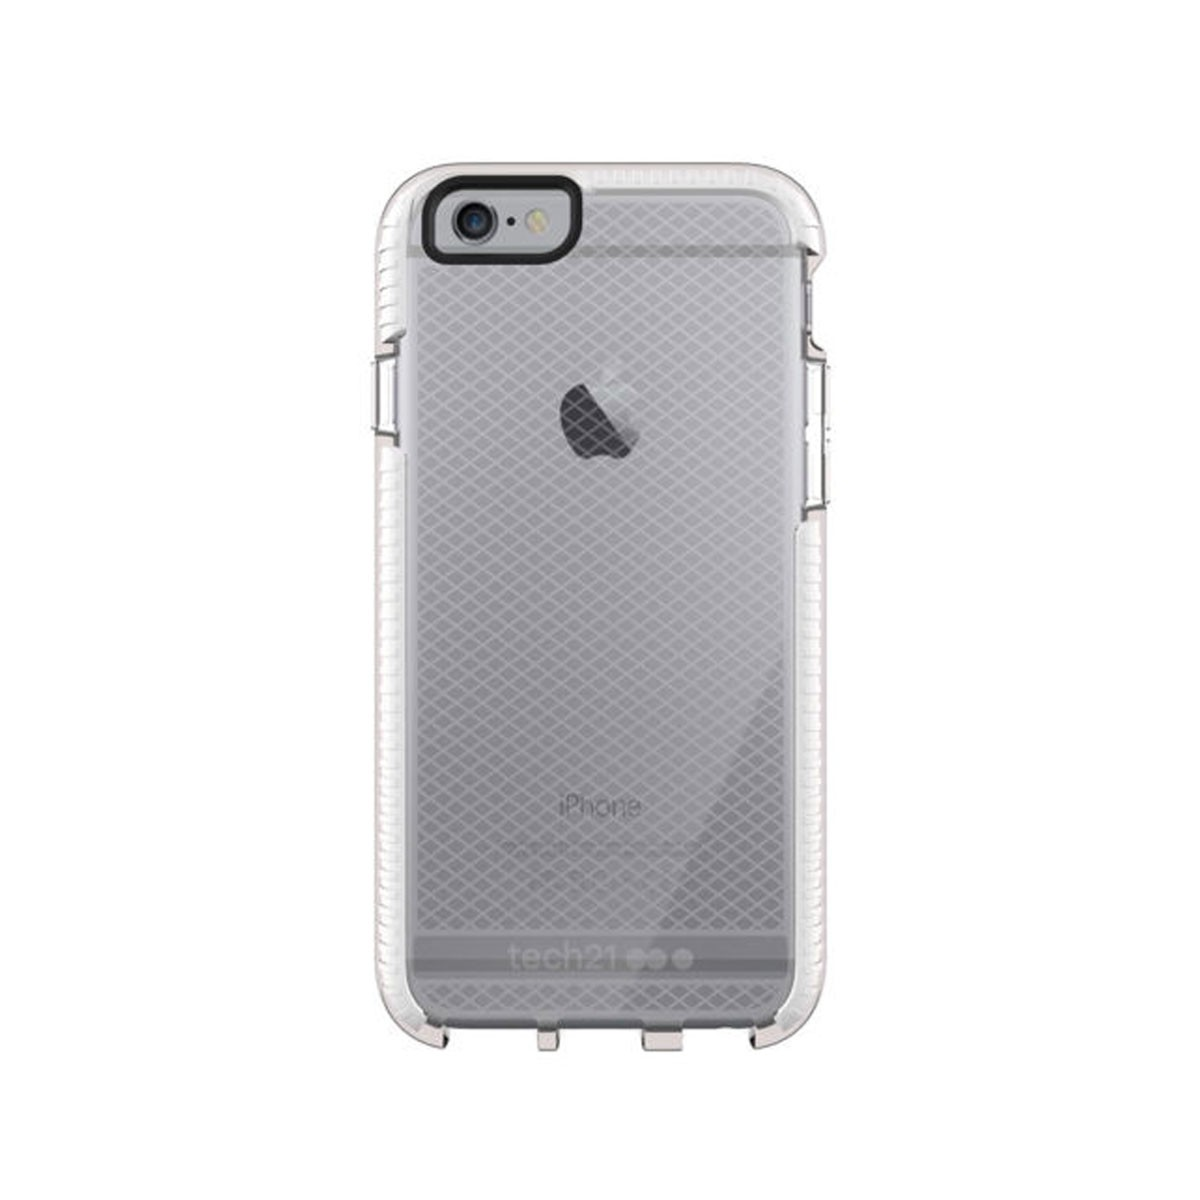 Прозрачен кейс Evo Check от Tech21 за смартфон Apple iPhone 6/6s